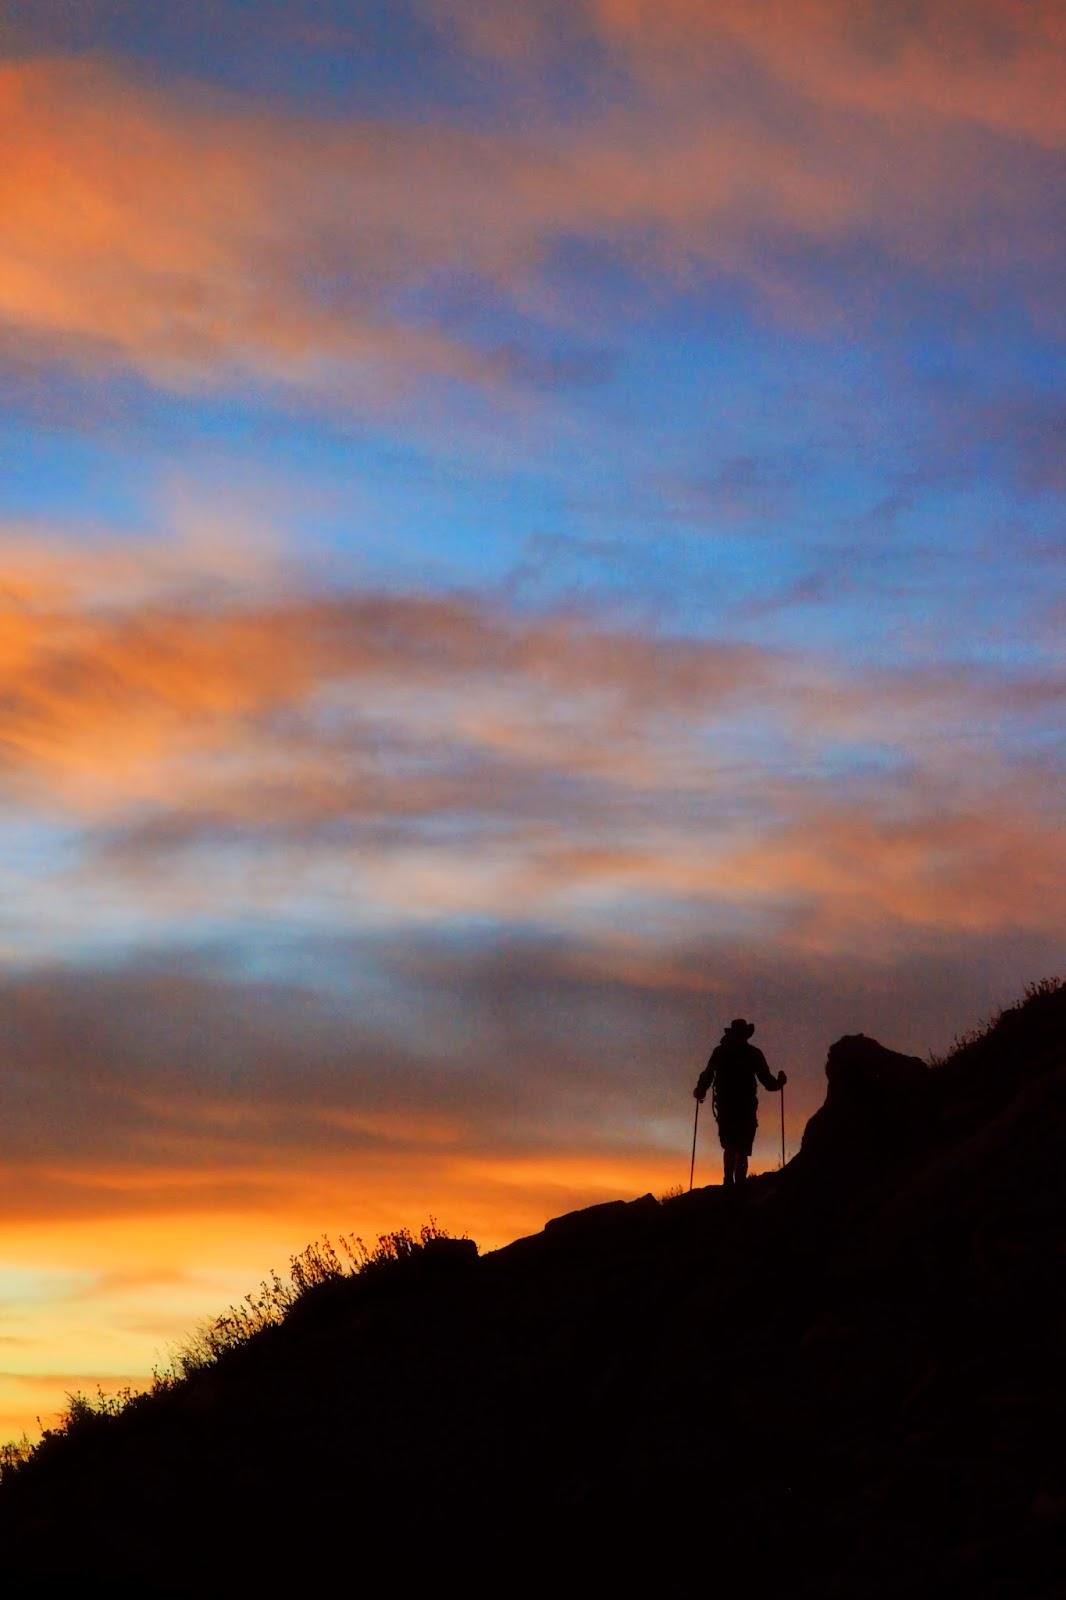 hiking photograph, sunset, nature, photography, Sarah Venema, Colorado photographer